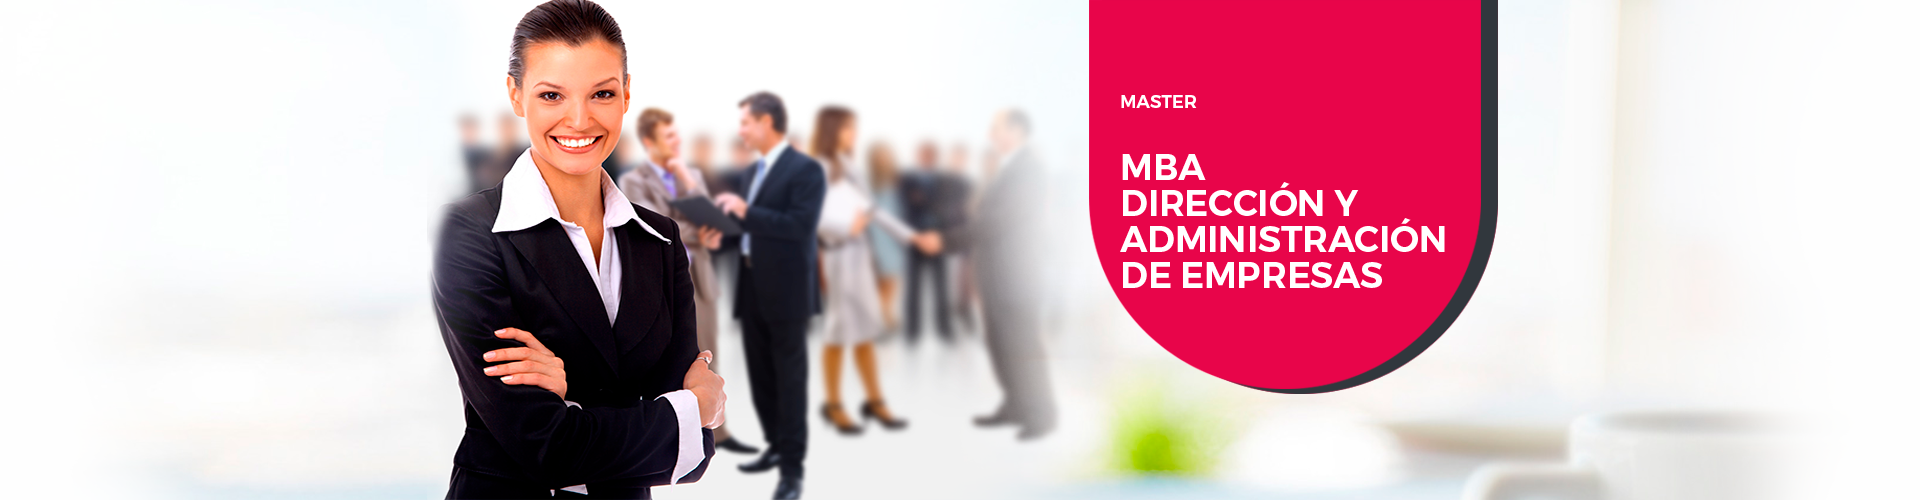 Master Dirección y Administración de Empresas